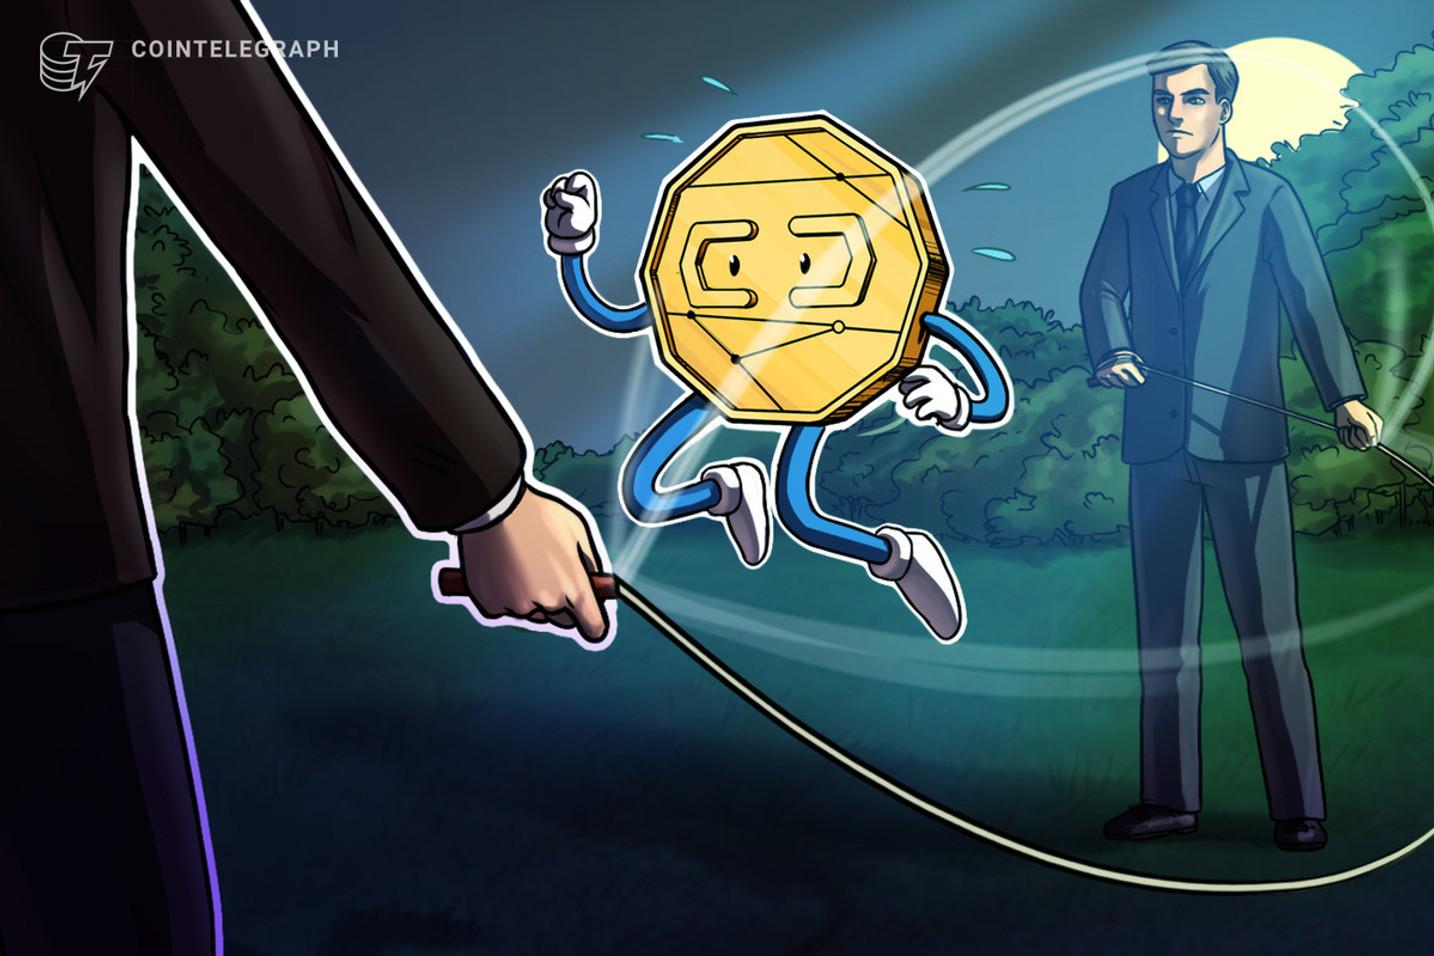 Em meio a polêmica, CoinMarketCap prepara novas métricas de classificação de exchanges